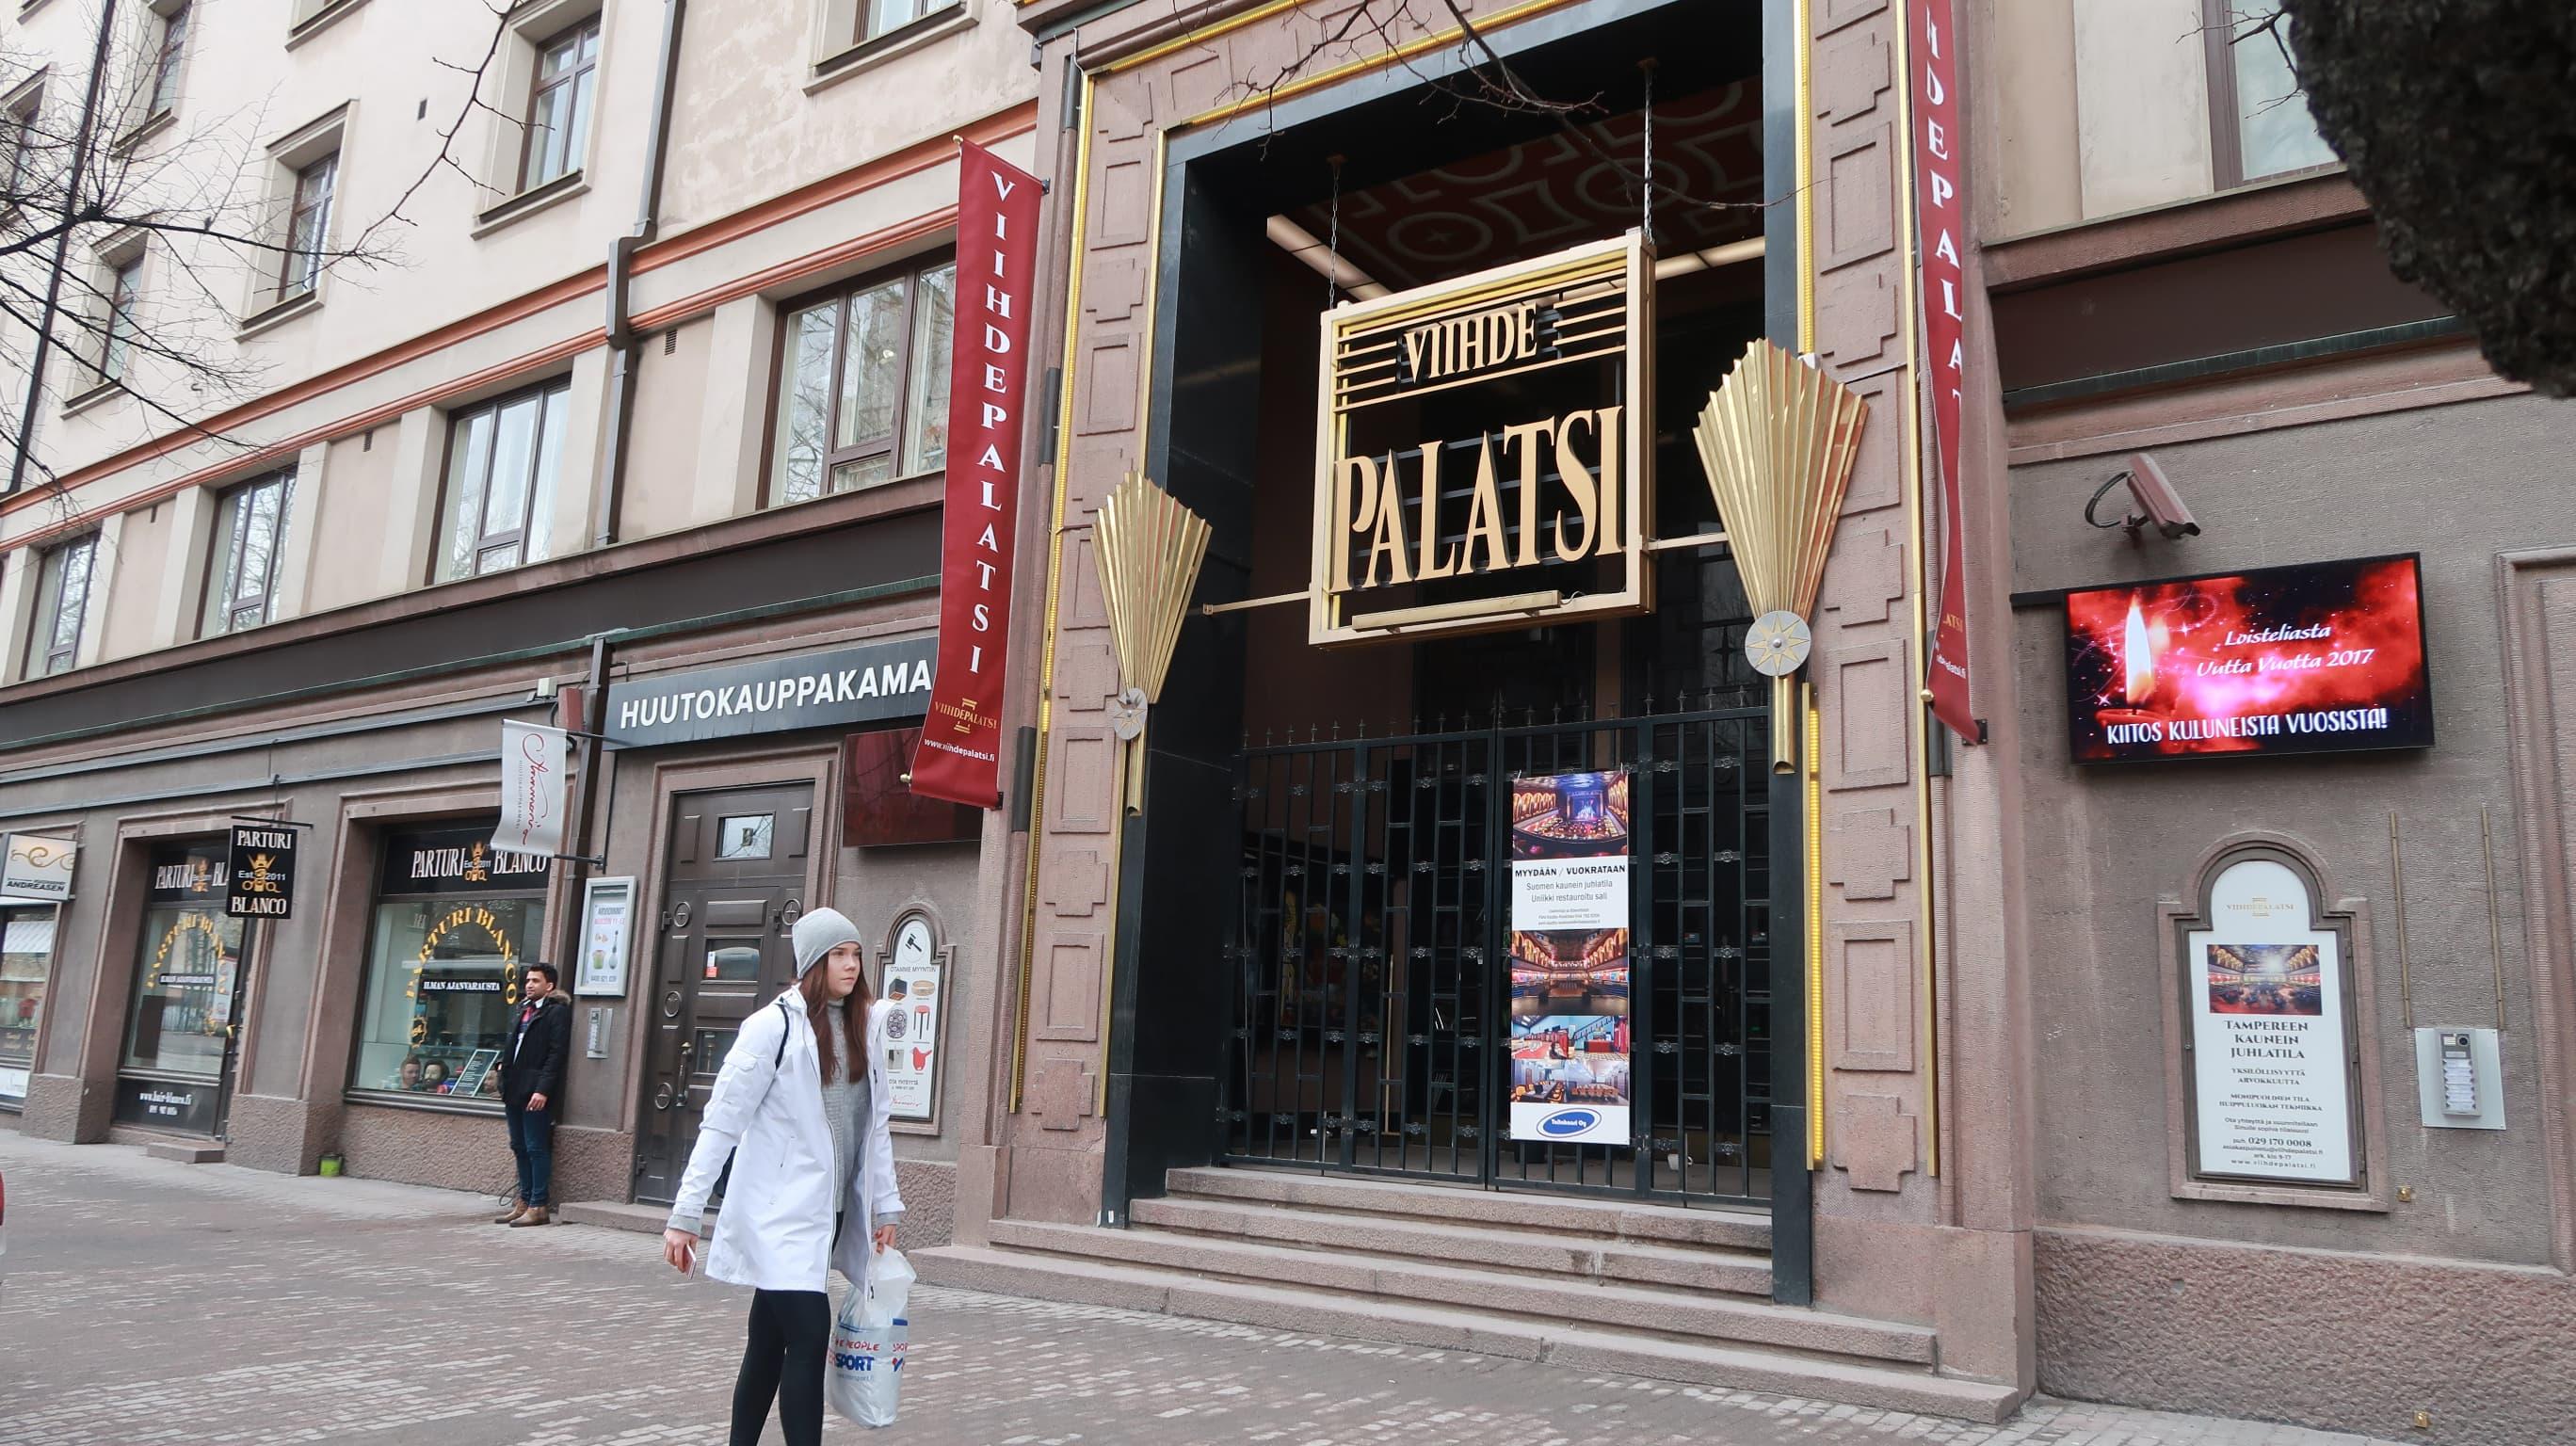 Myynnissä oleva juhlatila Palatsi Hämeenkatu 30:ssä